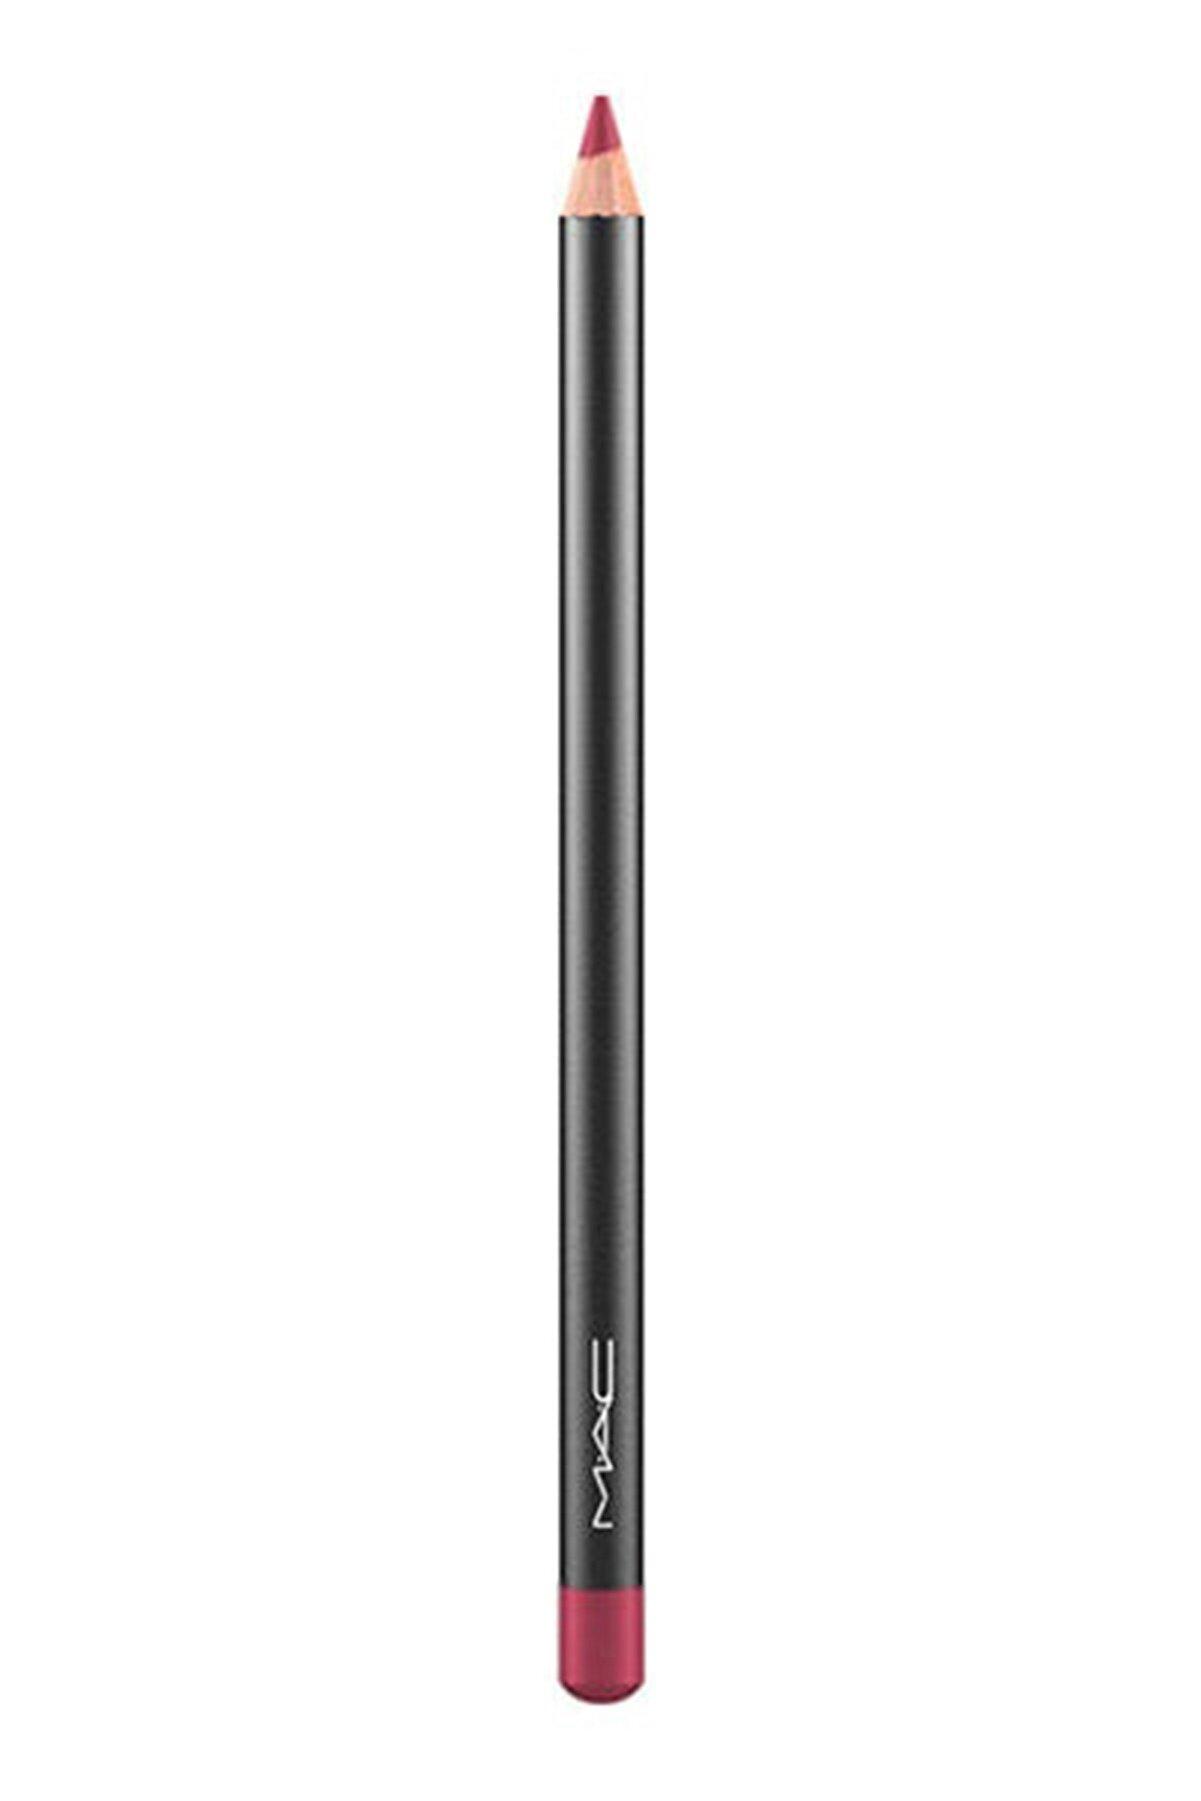 Mac Dudak Kalemi - Lip Pencil Beet 1.45 g 773602430024